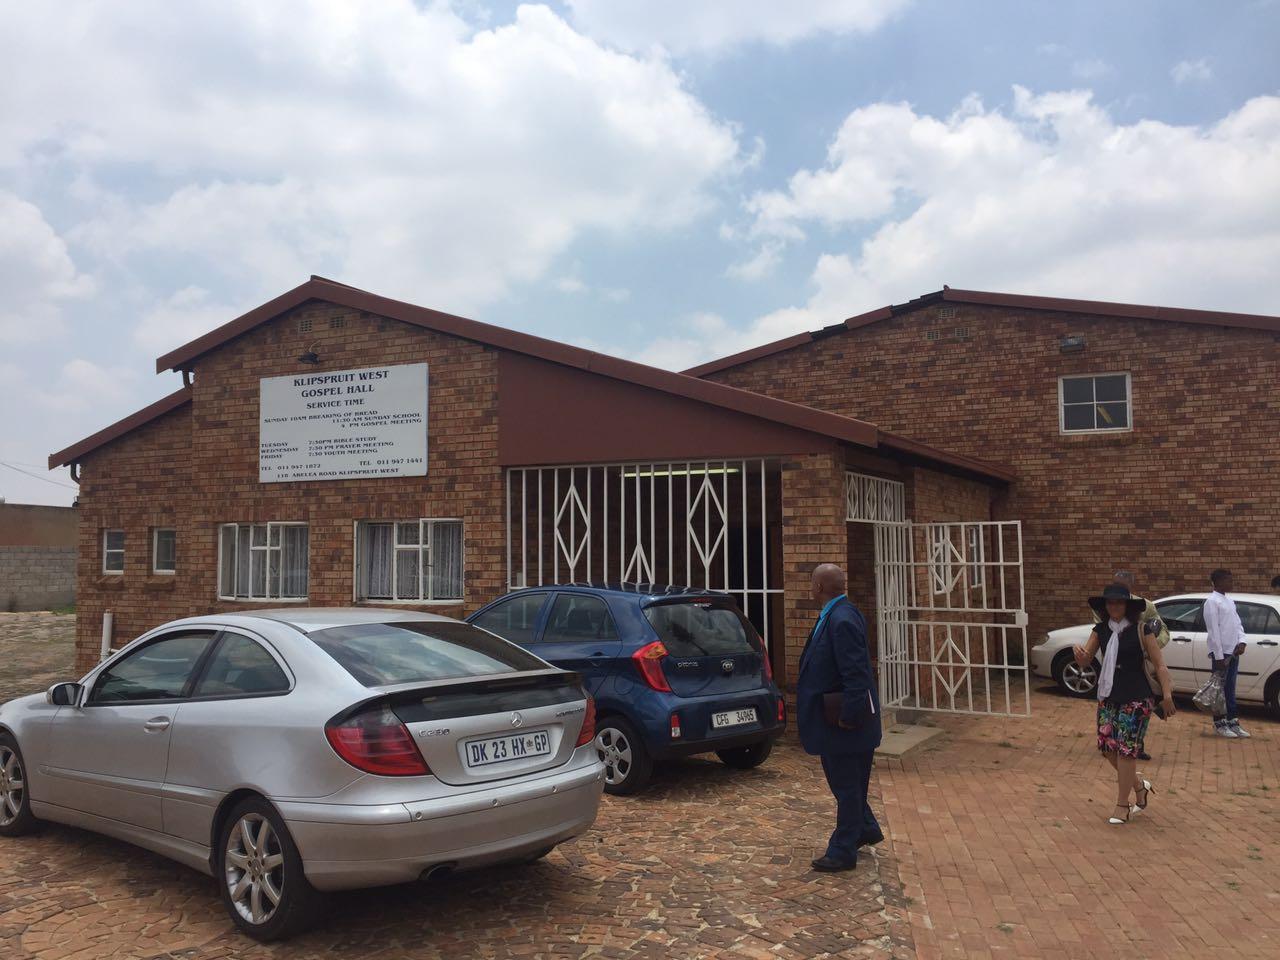 Klipspruit West Gospel Hall, Soweto